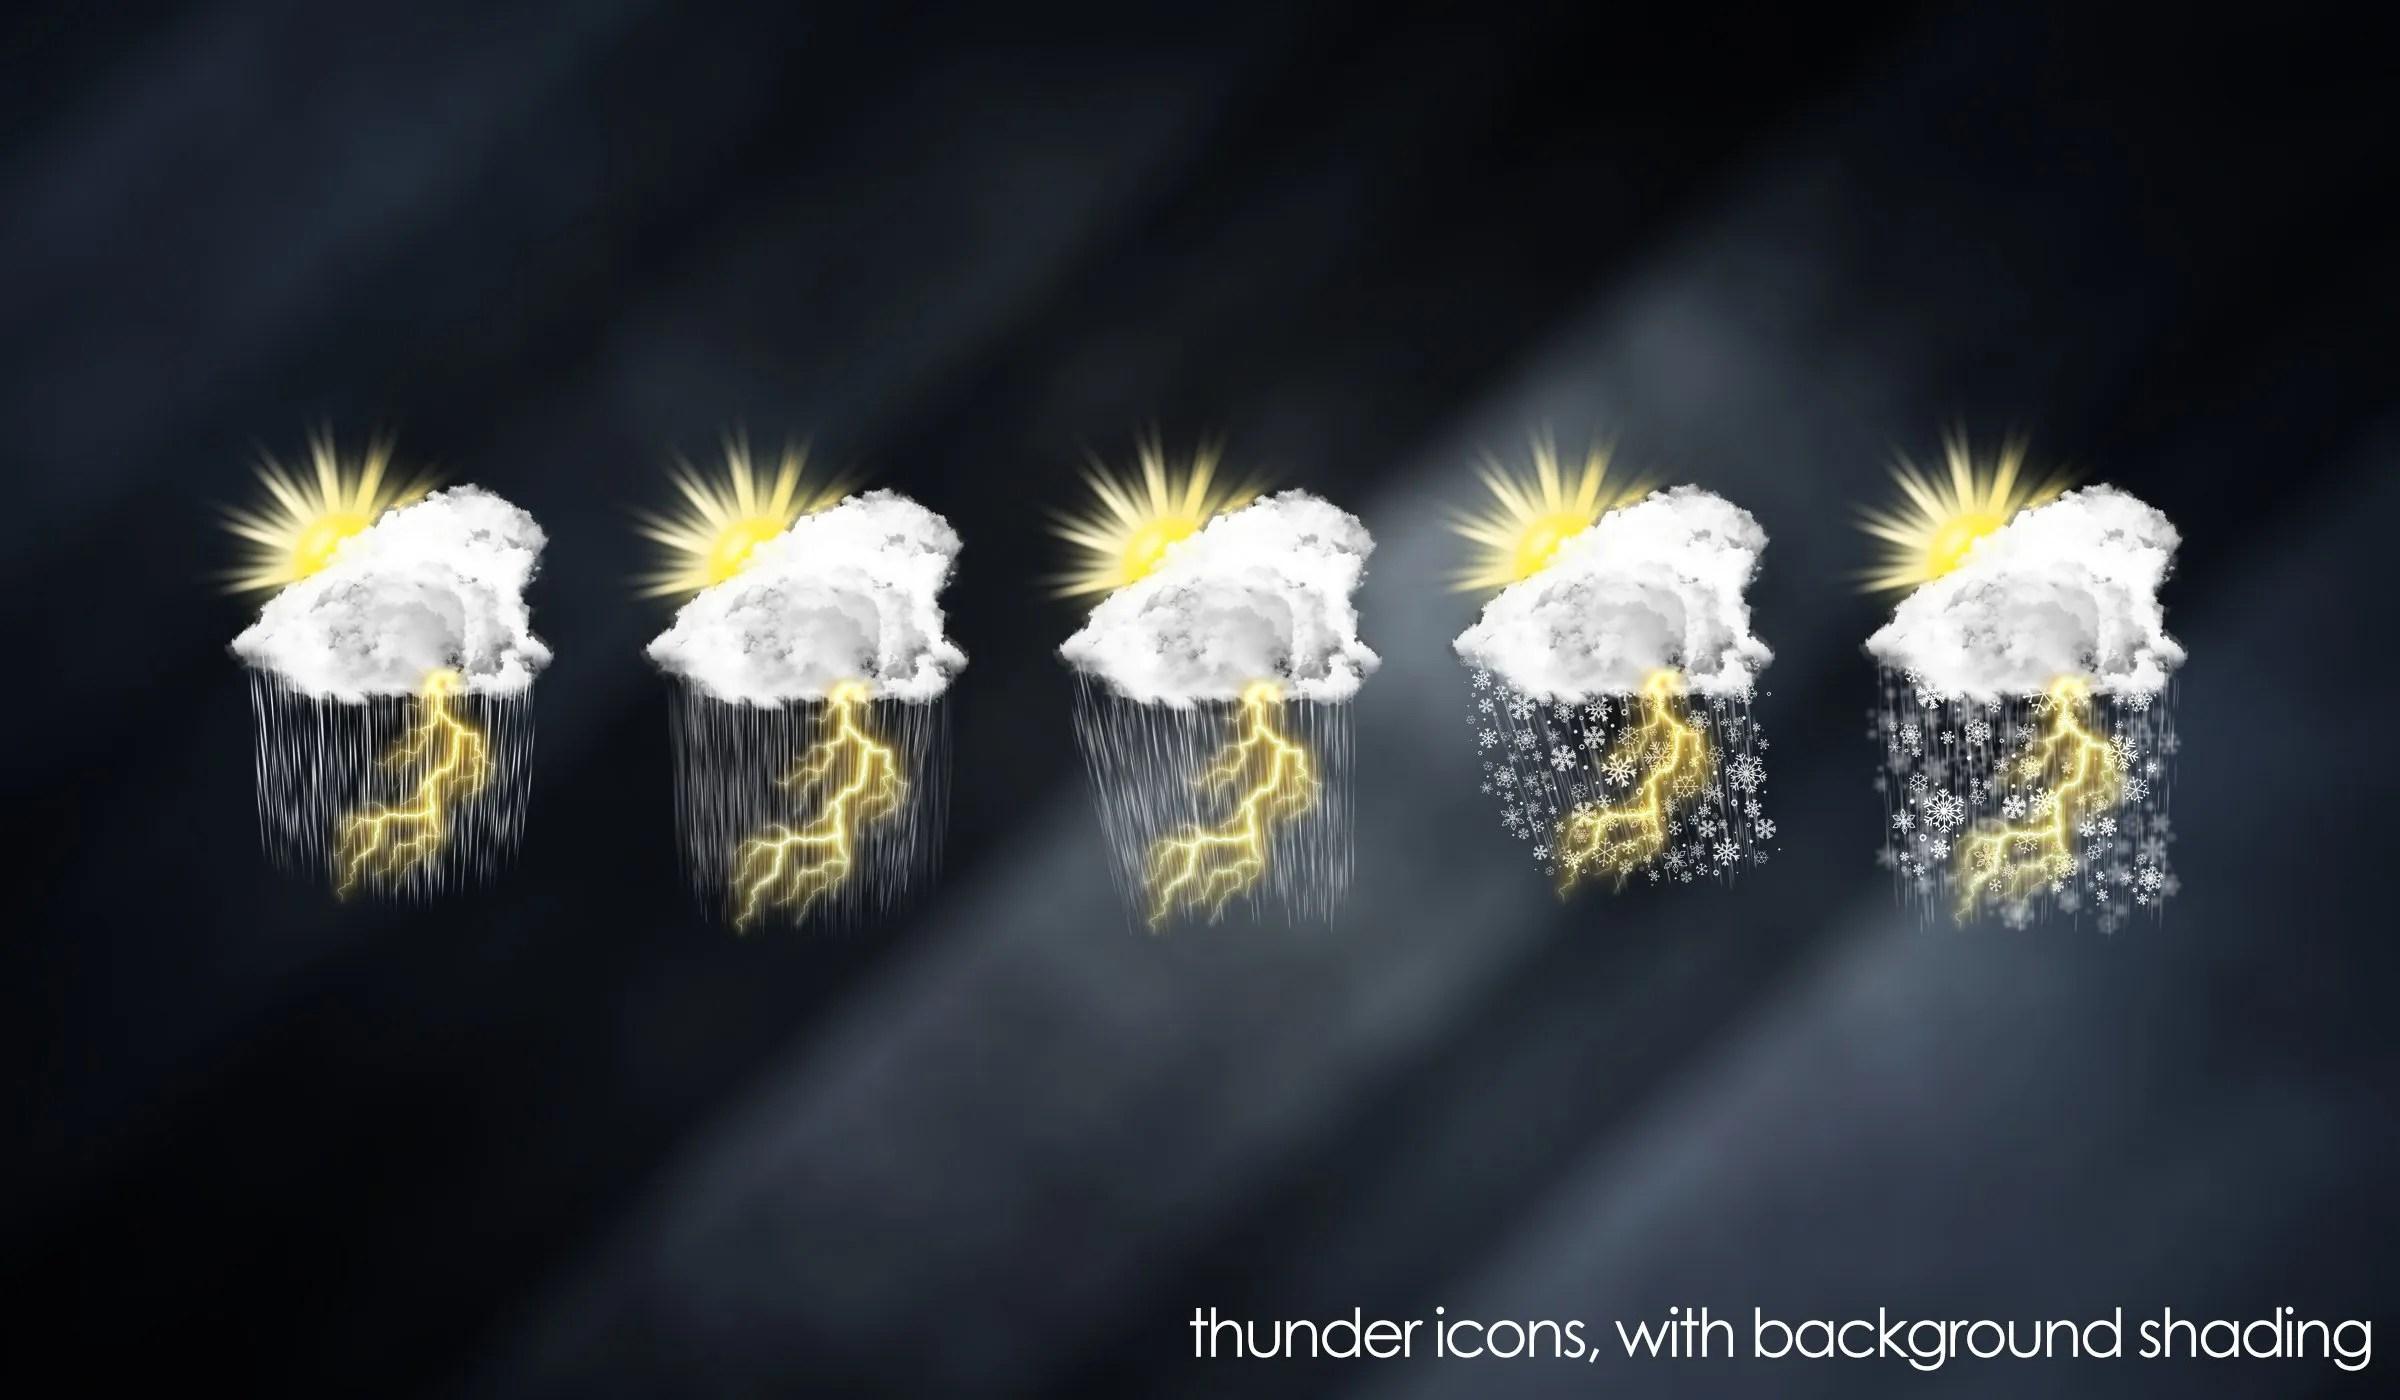 thunder 6